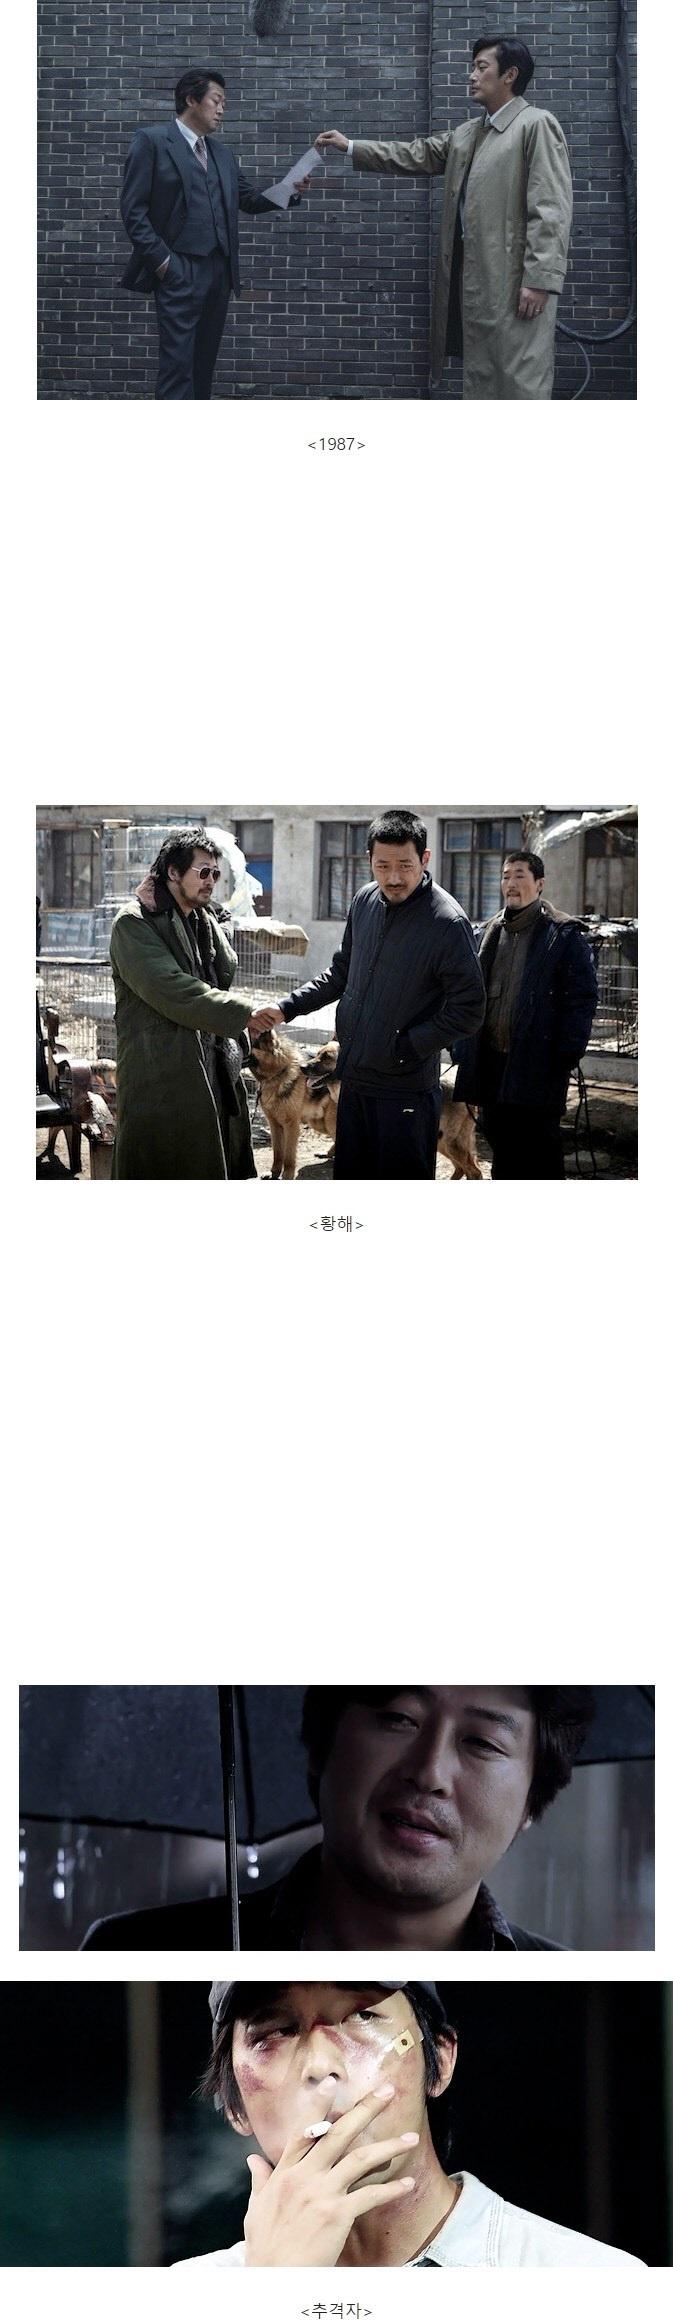 김윤석과 하정우 가장 잘 어우러졌던 영화는.jpeg